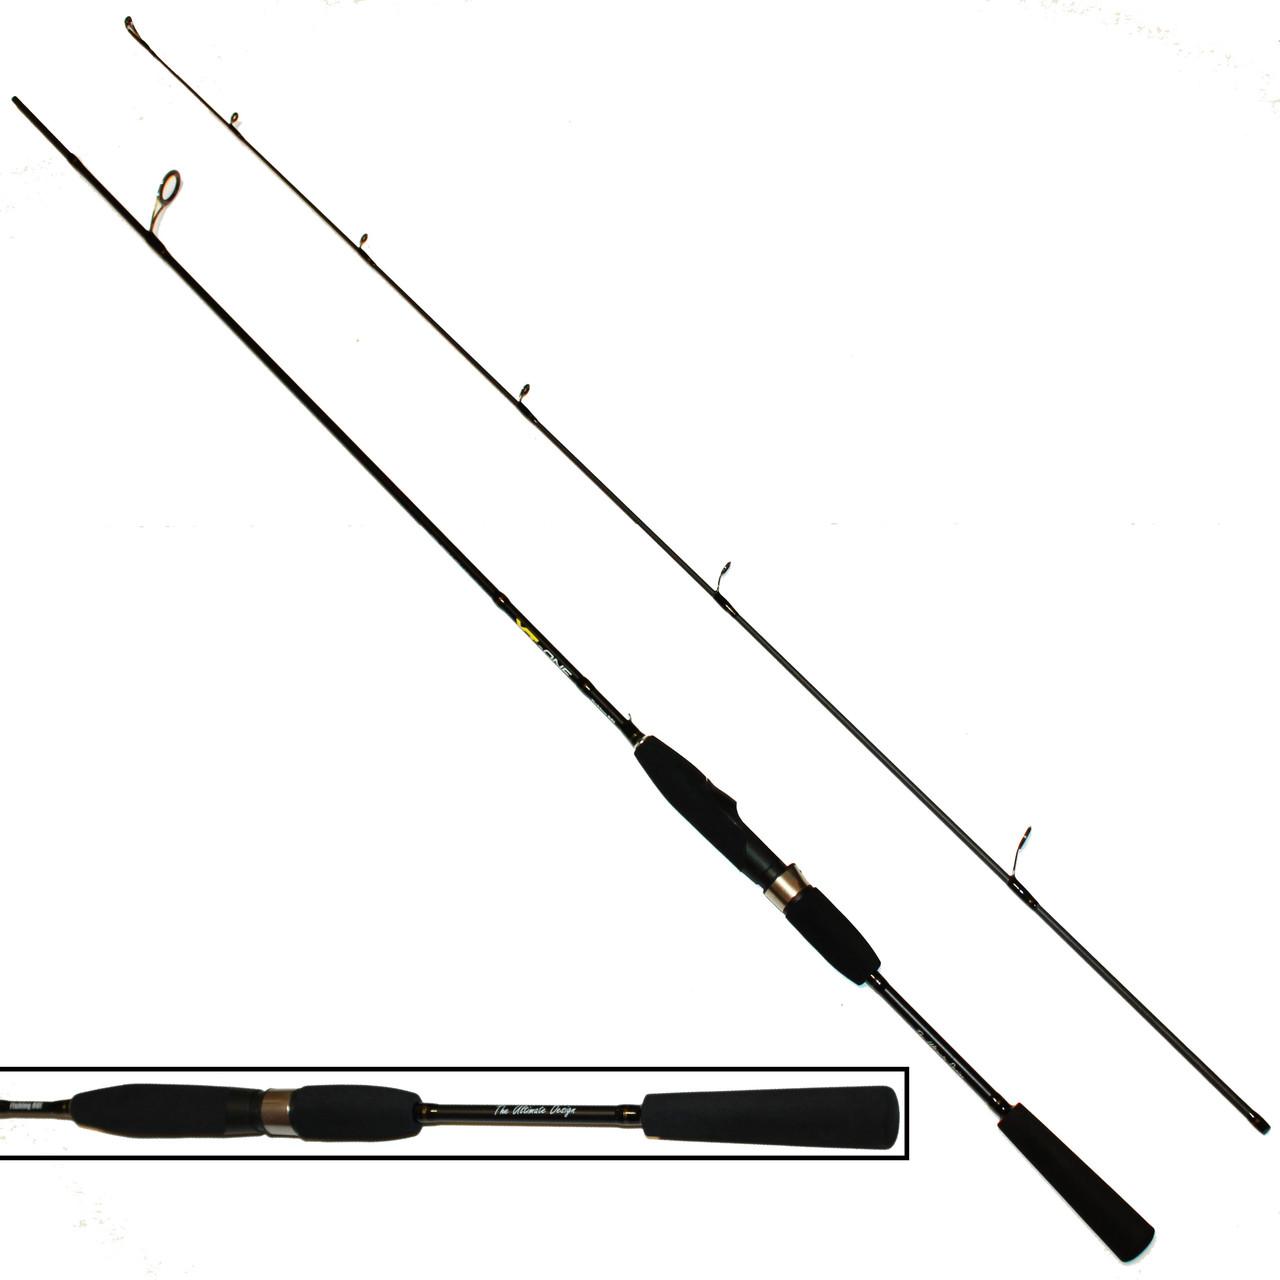 Спиннинг Fishing ROI XT-One 2.4 м. (тест 5-25 г.)